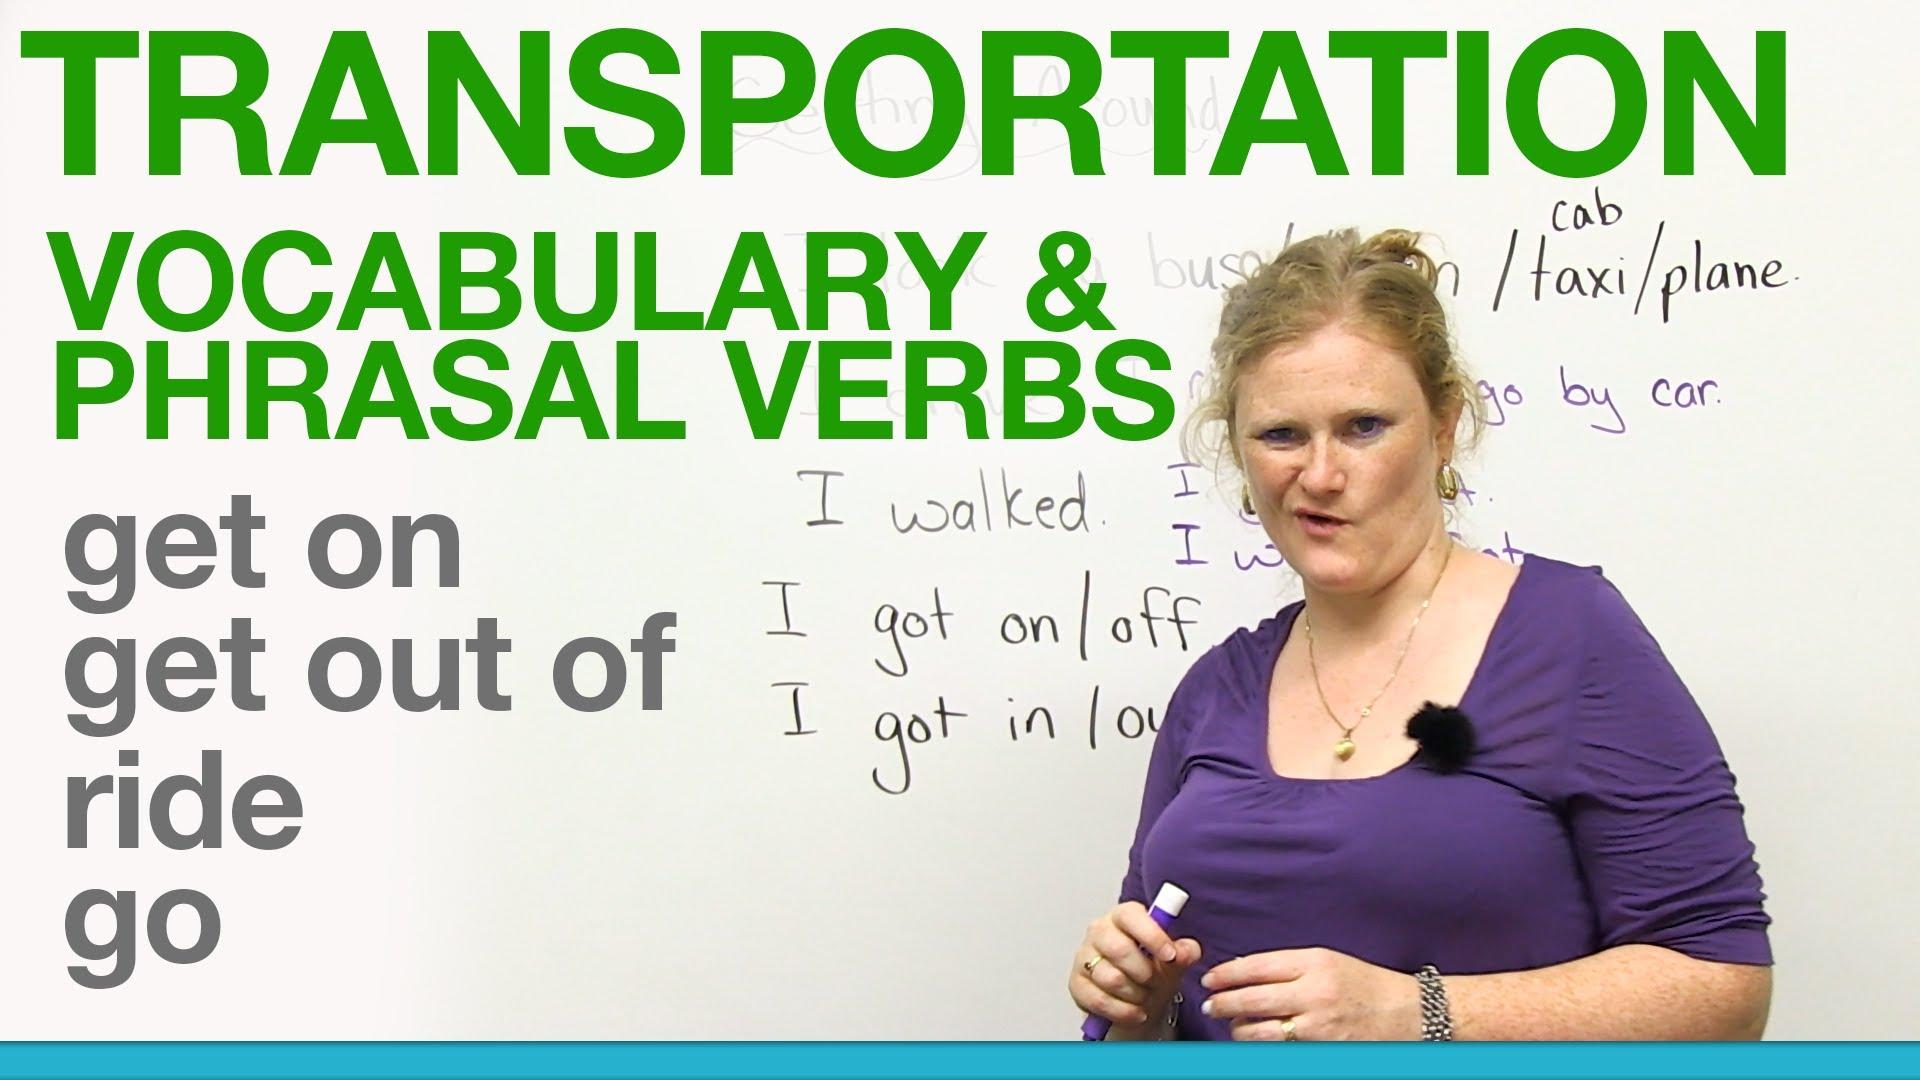 Aprenda frases essenciais em Inglê e viaje sem estresse.